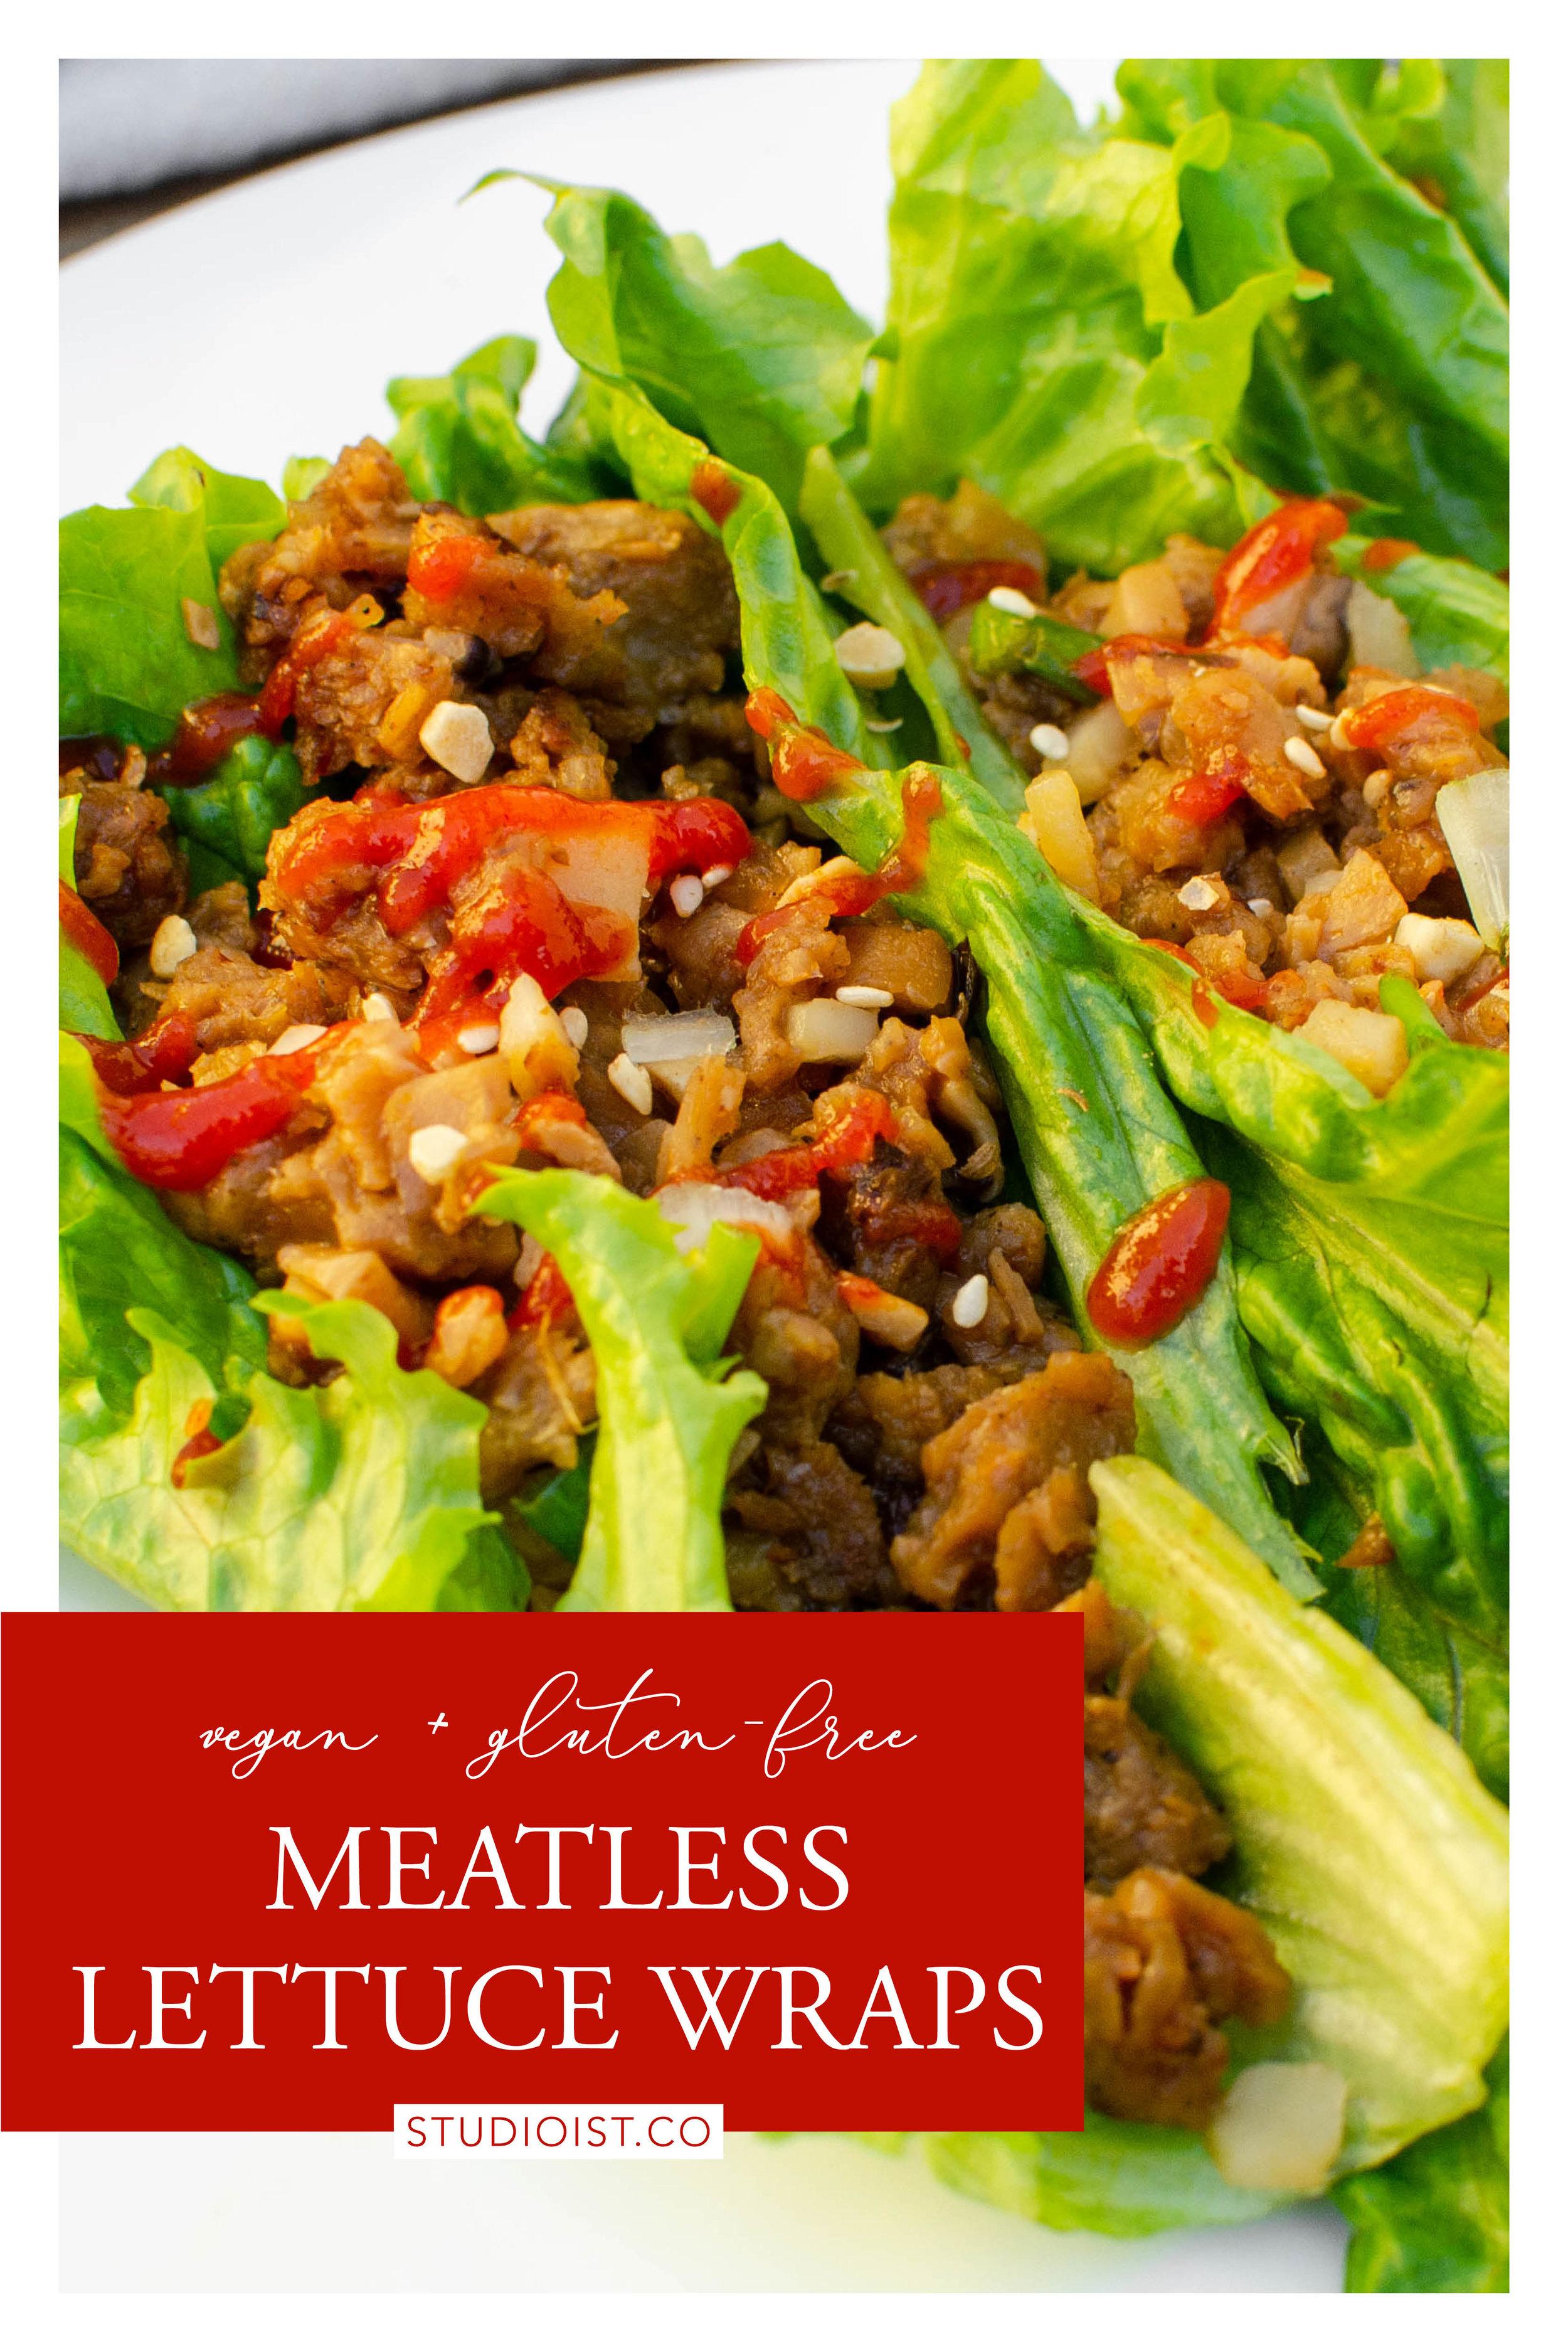 GlutenFree Vegan Lettuce Wraps_Studioist2.jpg